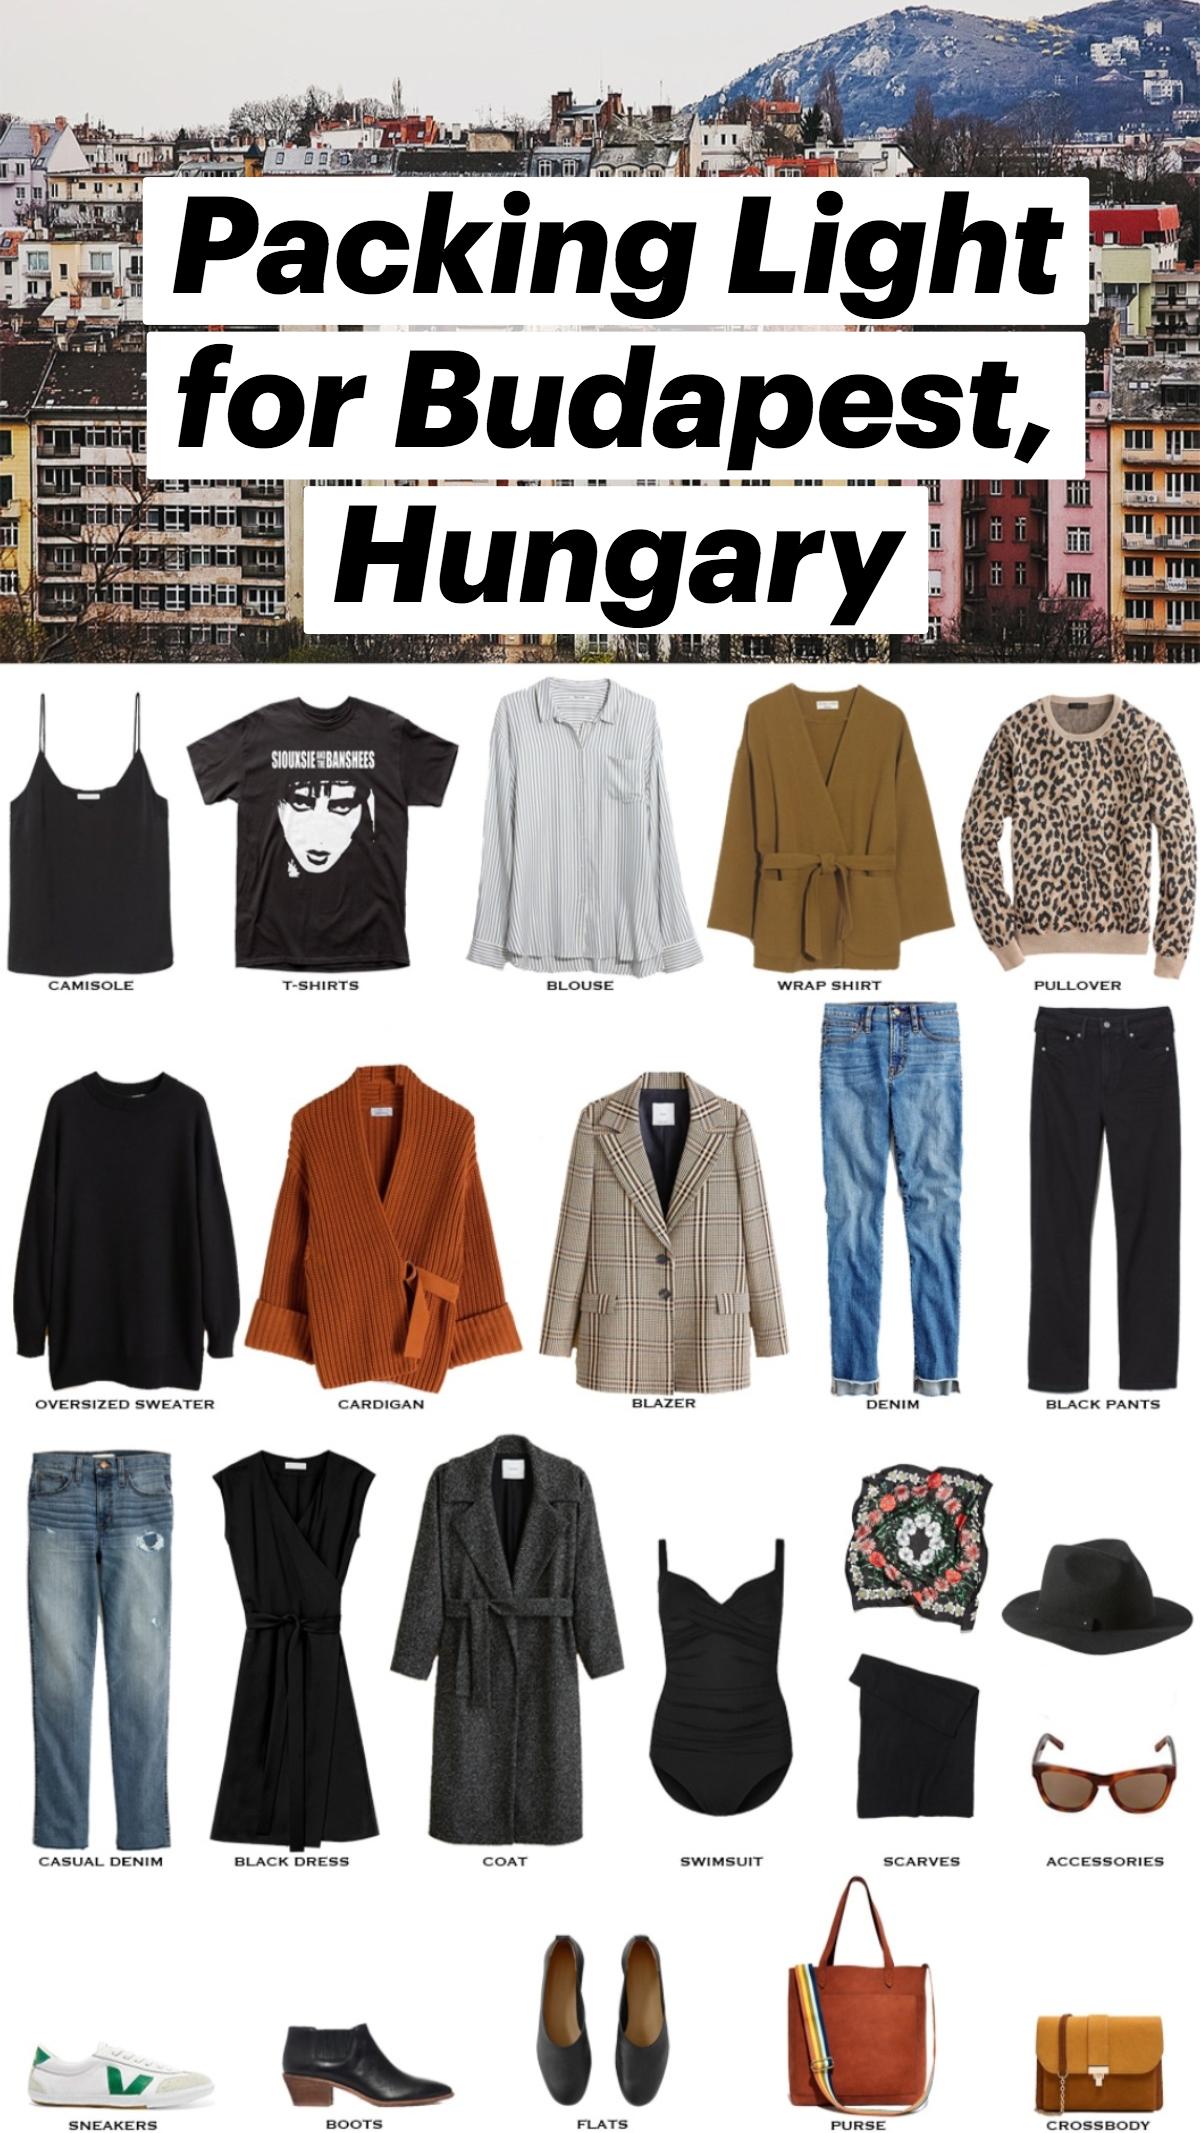 Packing Light for Budapest Hungary